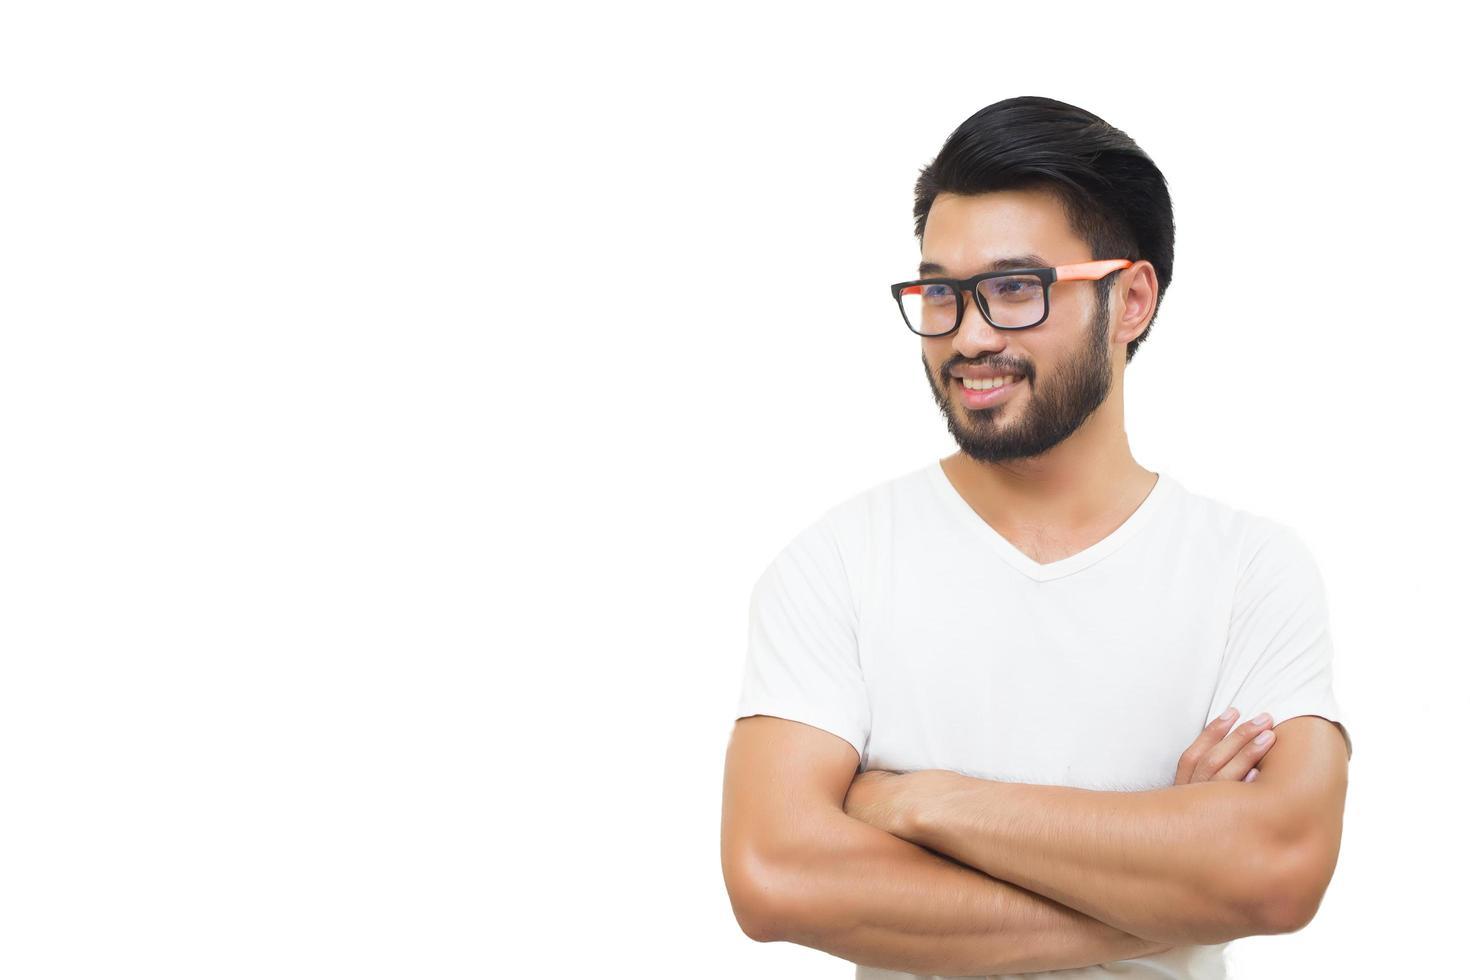 Hombre guapo asiático sonriendo y riendo sobre fondo blanco. foto